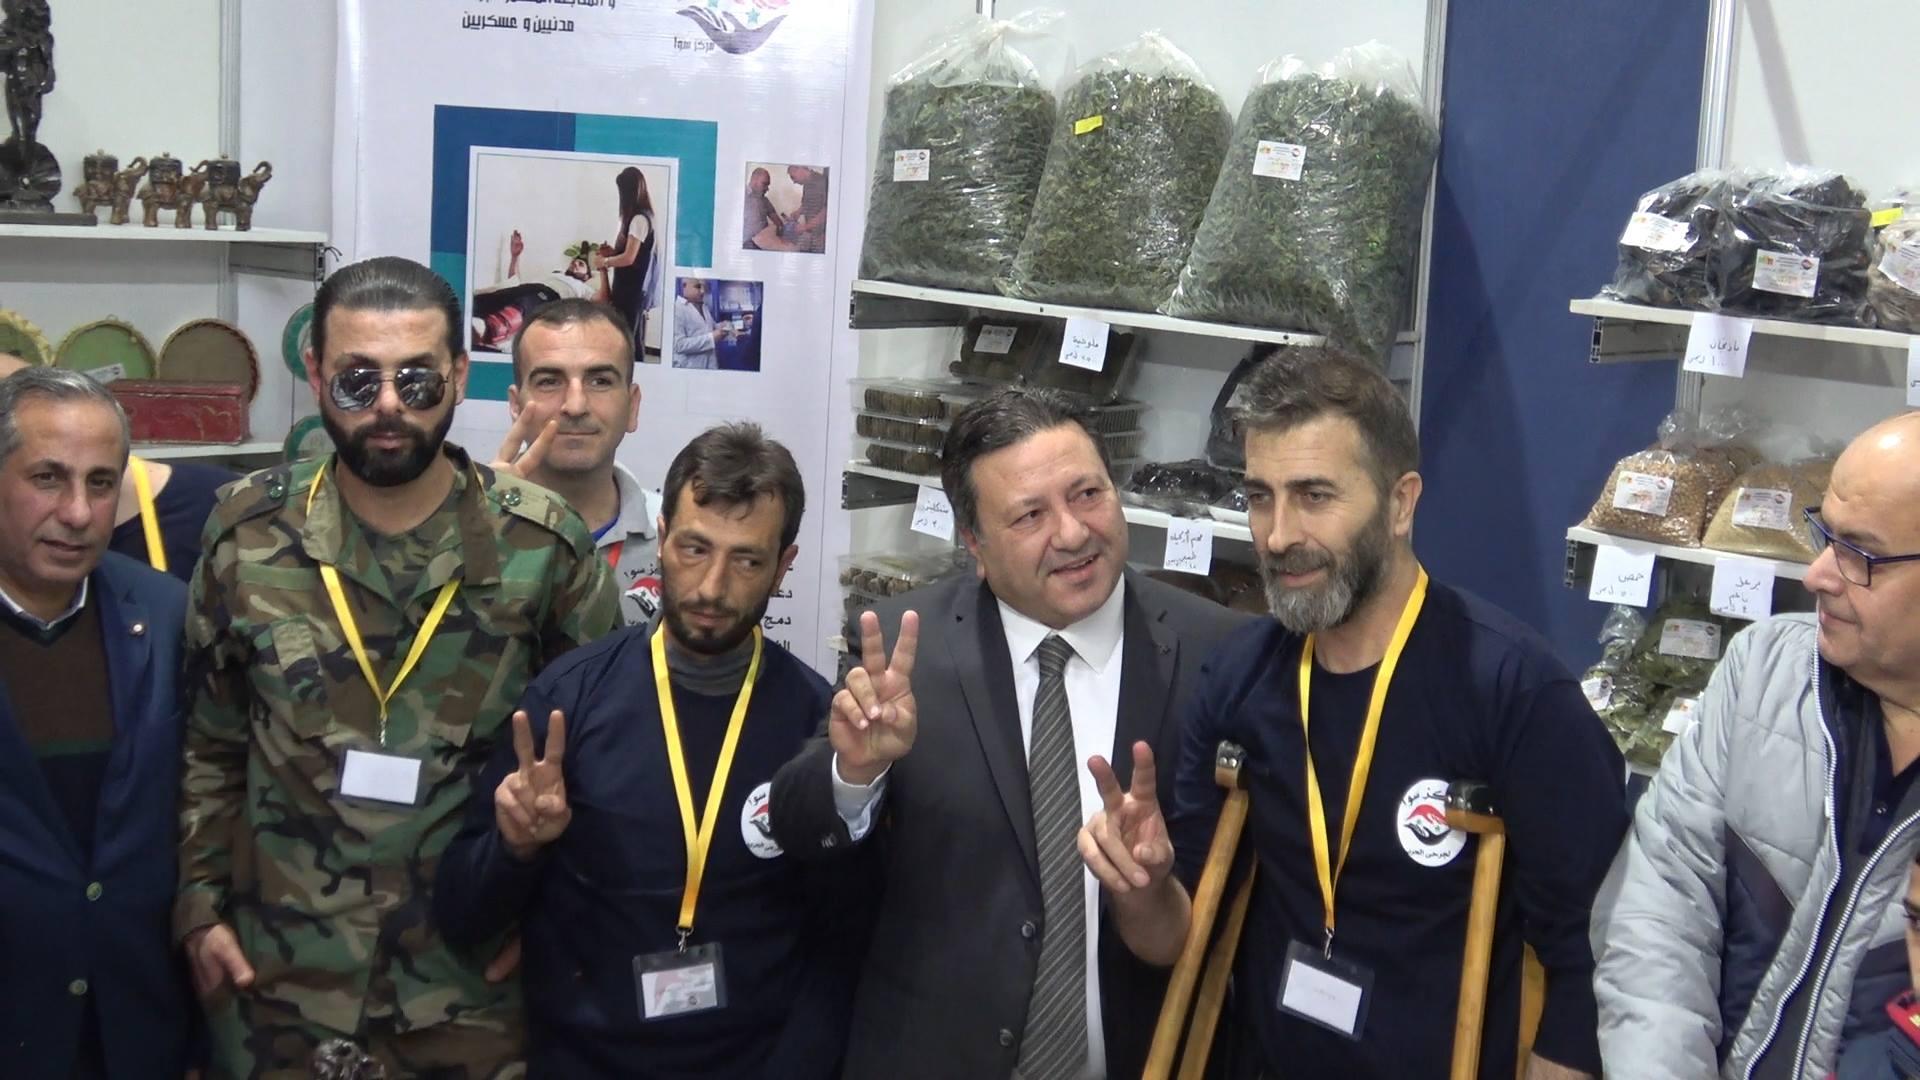 صورة مشاركة جمعية سوا لجرحى الحرب بمهرجان صنع في سورية بدمشق